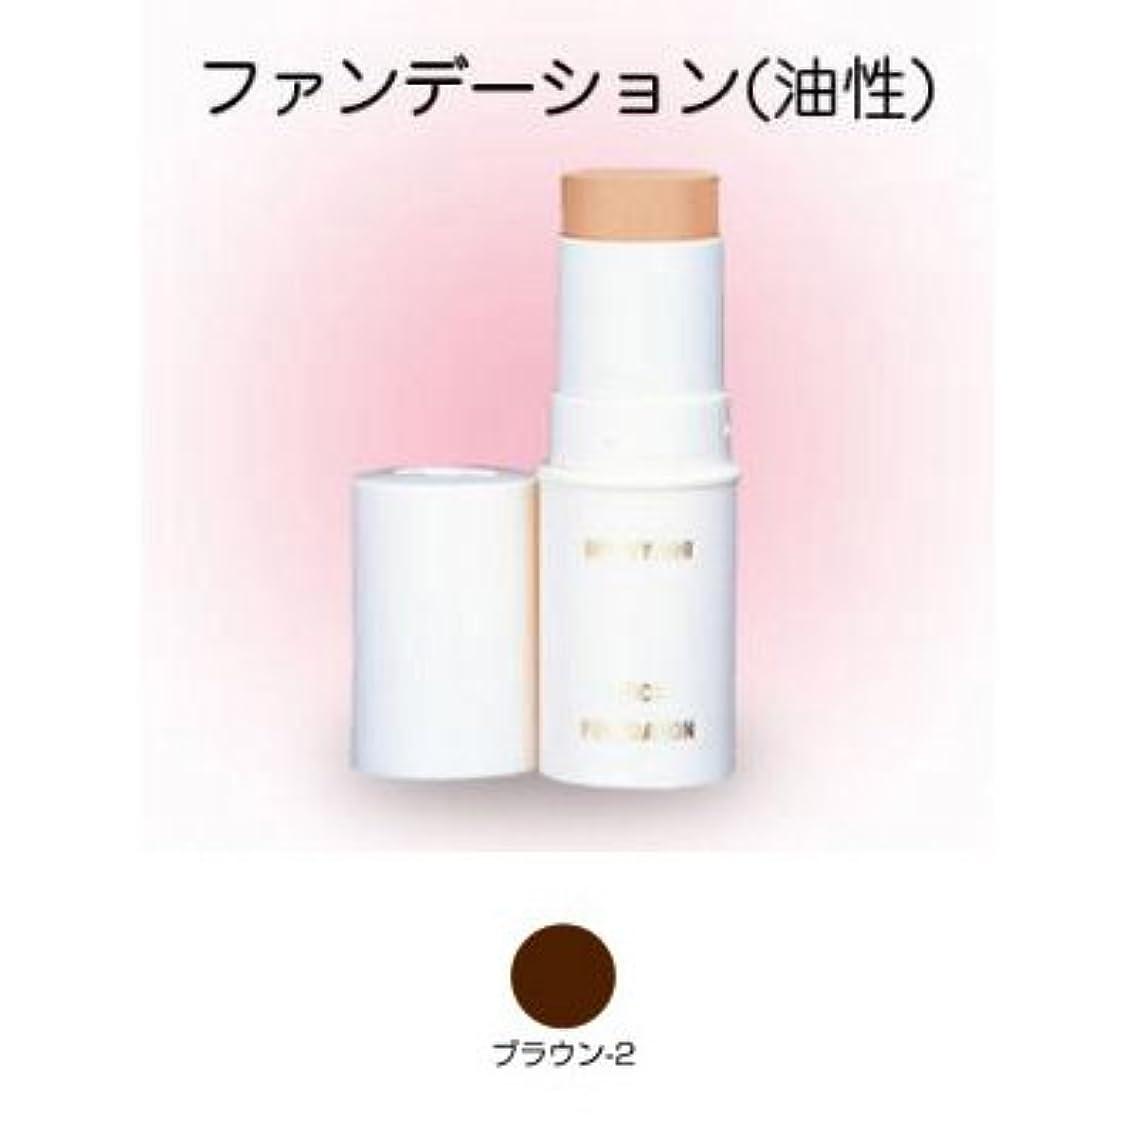 ブリード包帯信頼性のあるスティックファンデーション 16g ブラウン-2 【三善】